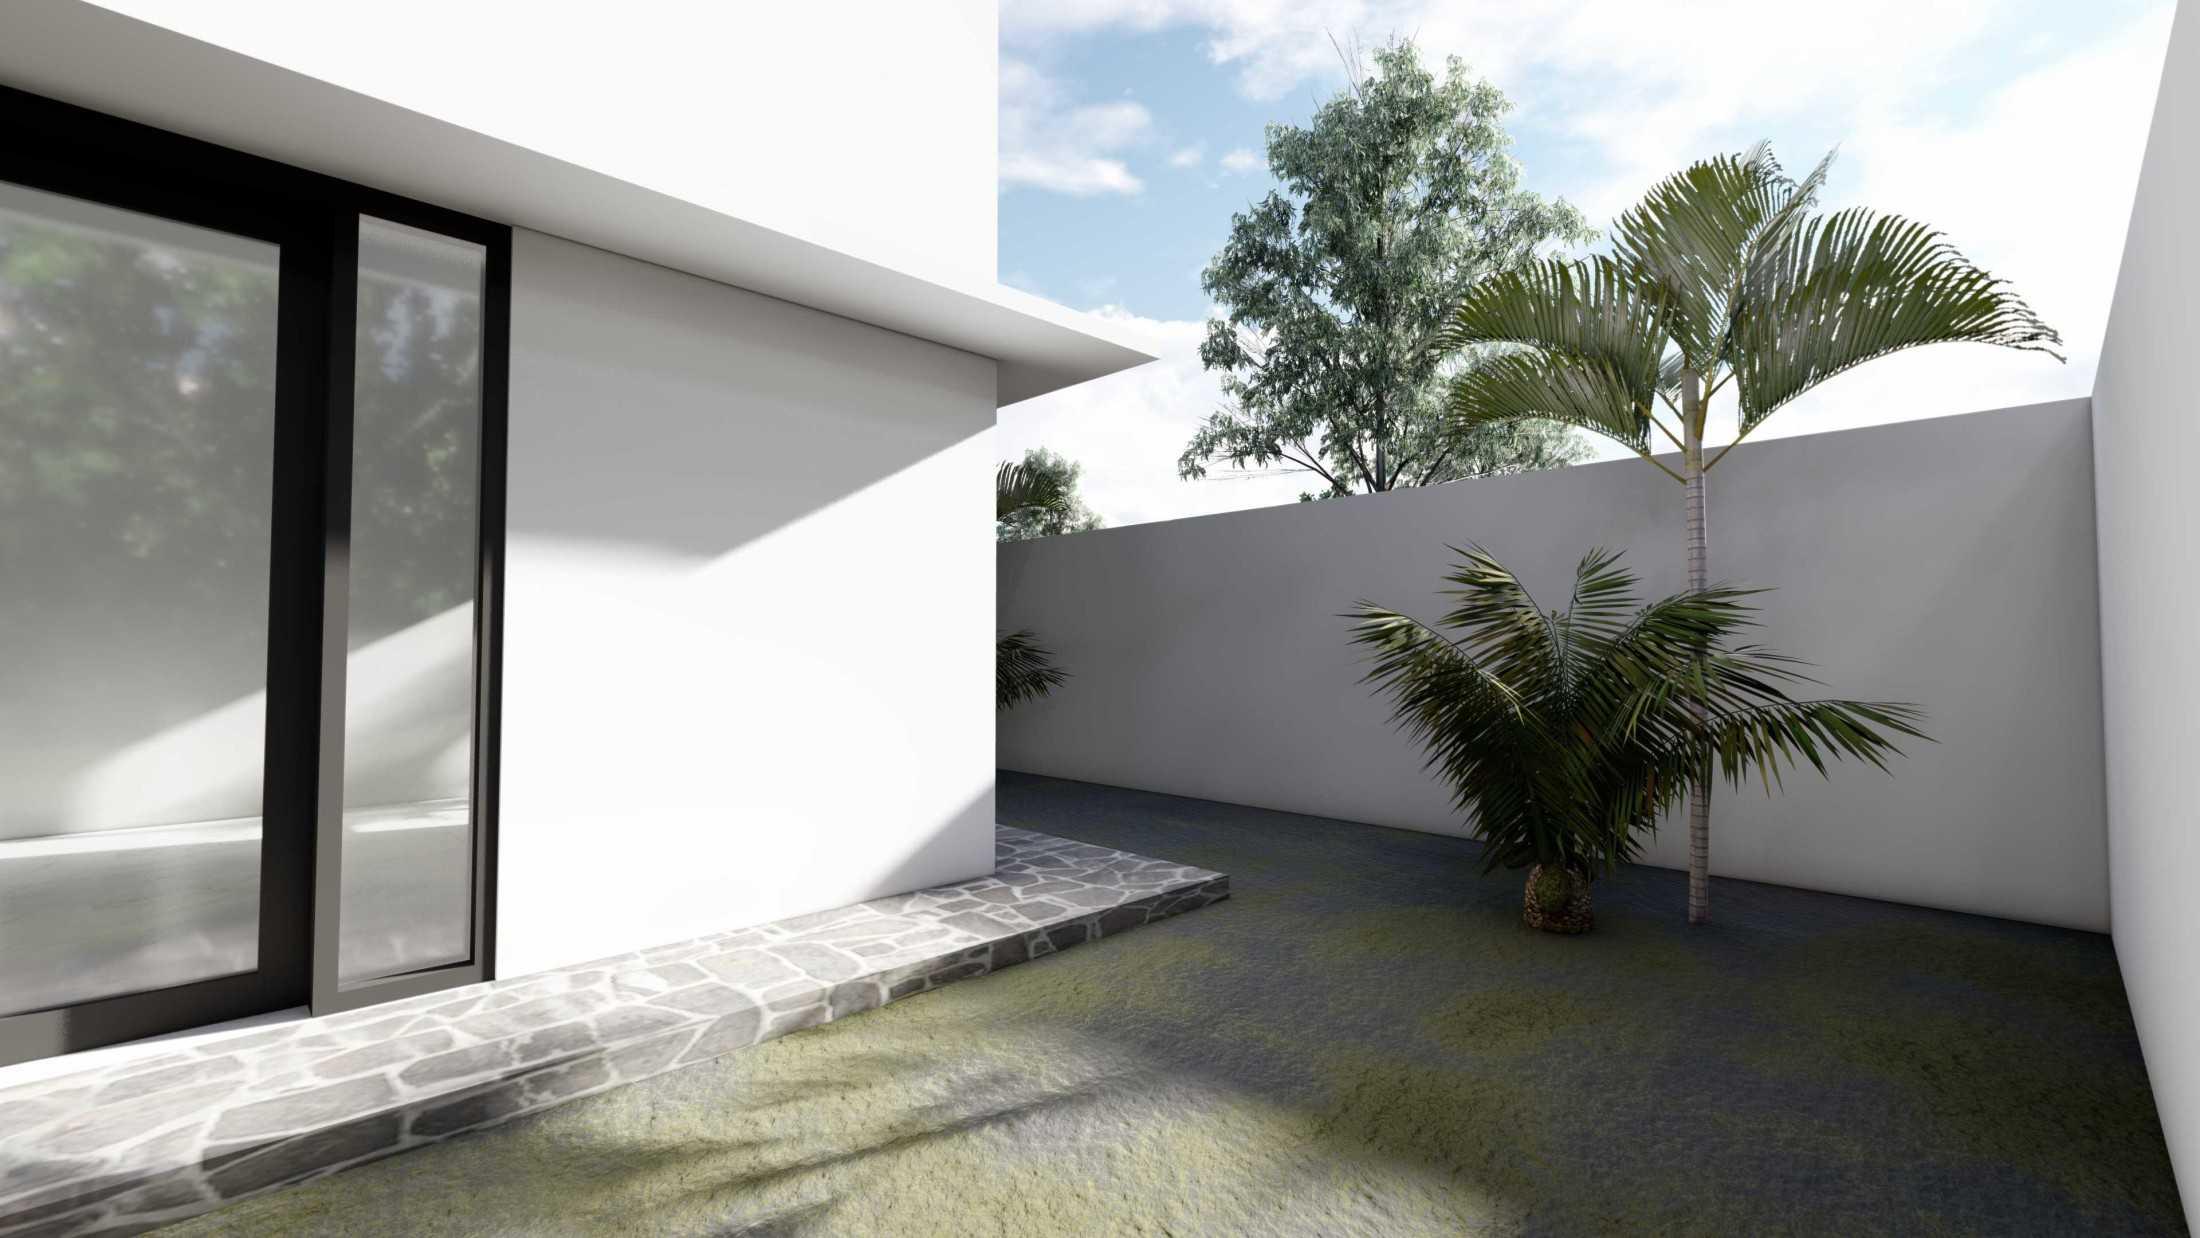 Astabumi Studio Ws House Slawi Tegal, Kota Tegal, Jawa Tengah, Indonesia Padang Cv-Astabumi-Manunggal-Prakarsa-Rumah-2-Lantai-Modern-Lokal  119359